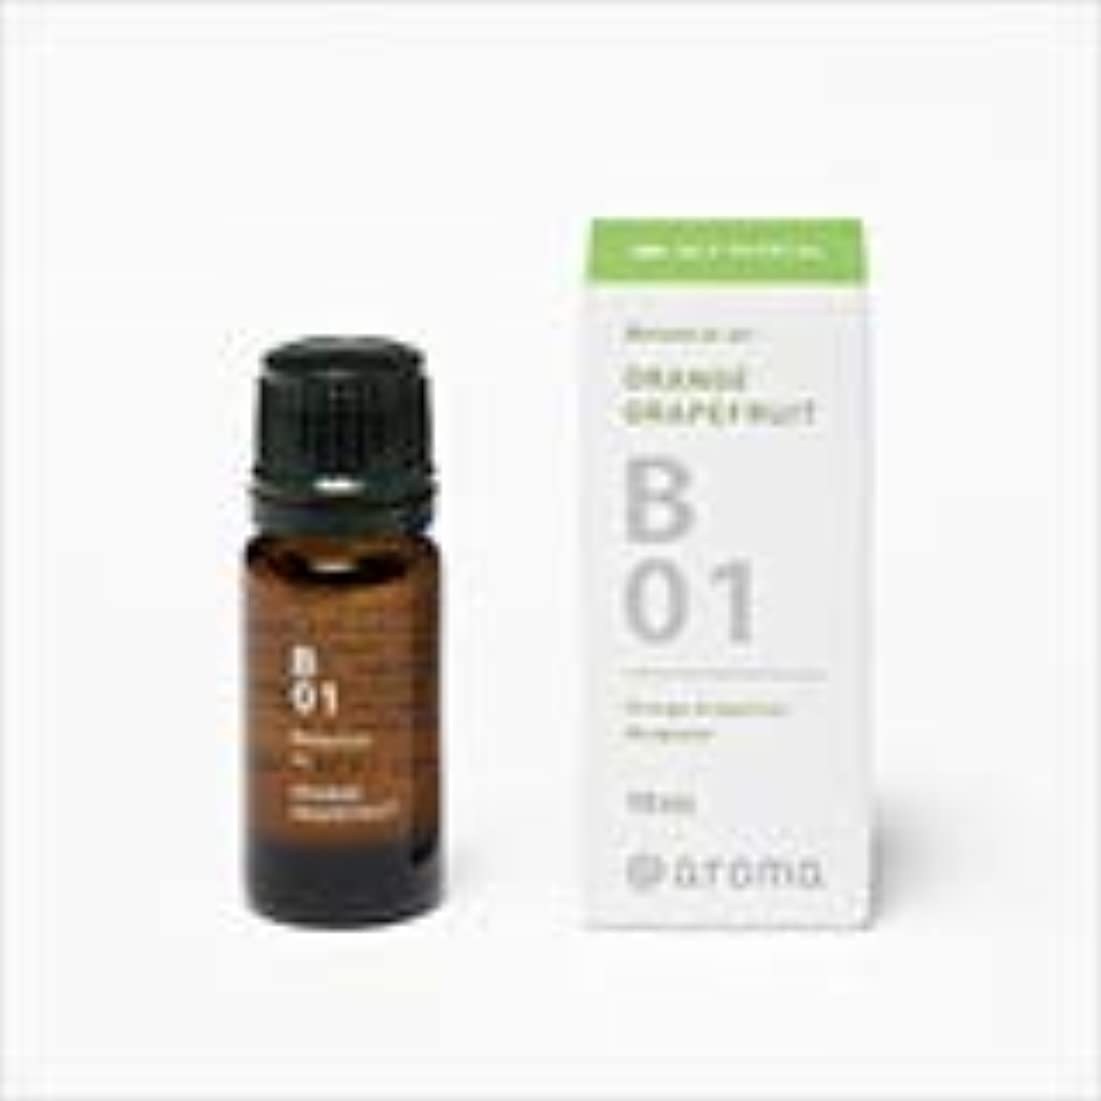 ディスク伝染性の無臭アットアロマ 100%pure essential oil <Botanical air ジュニパーシダー>